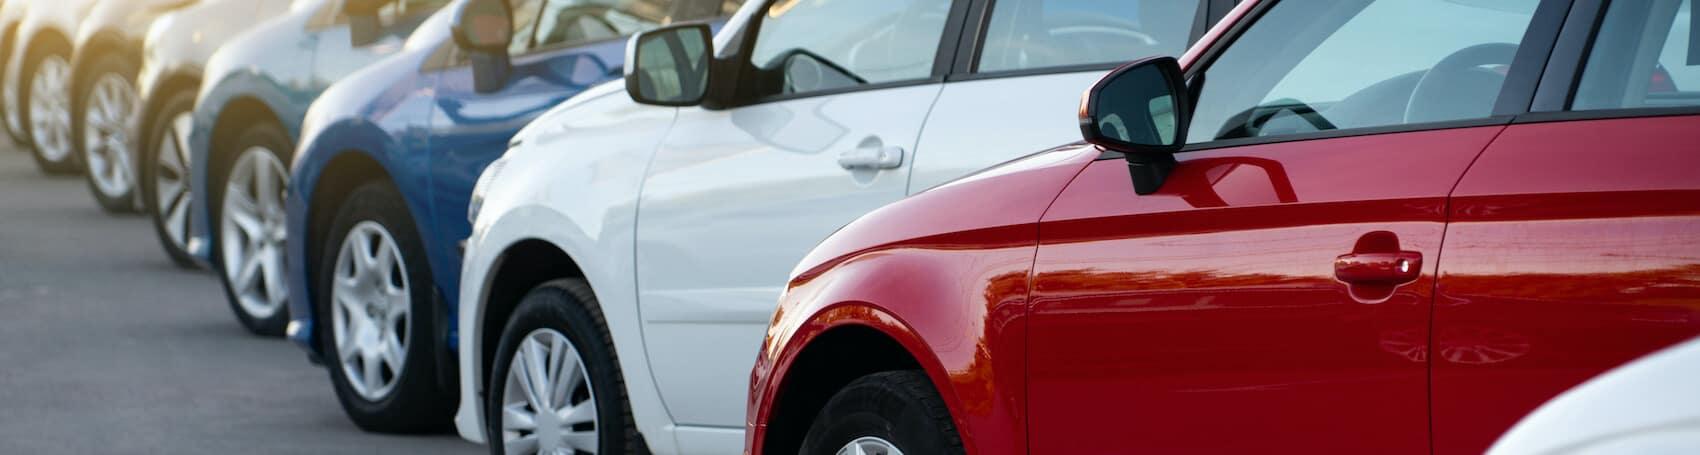 Used Car Dealer near Findlay OH